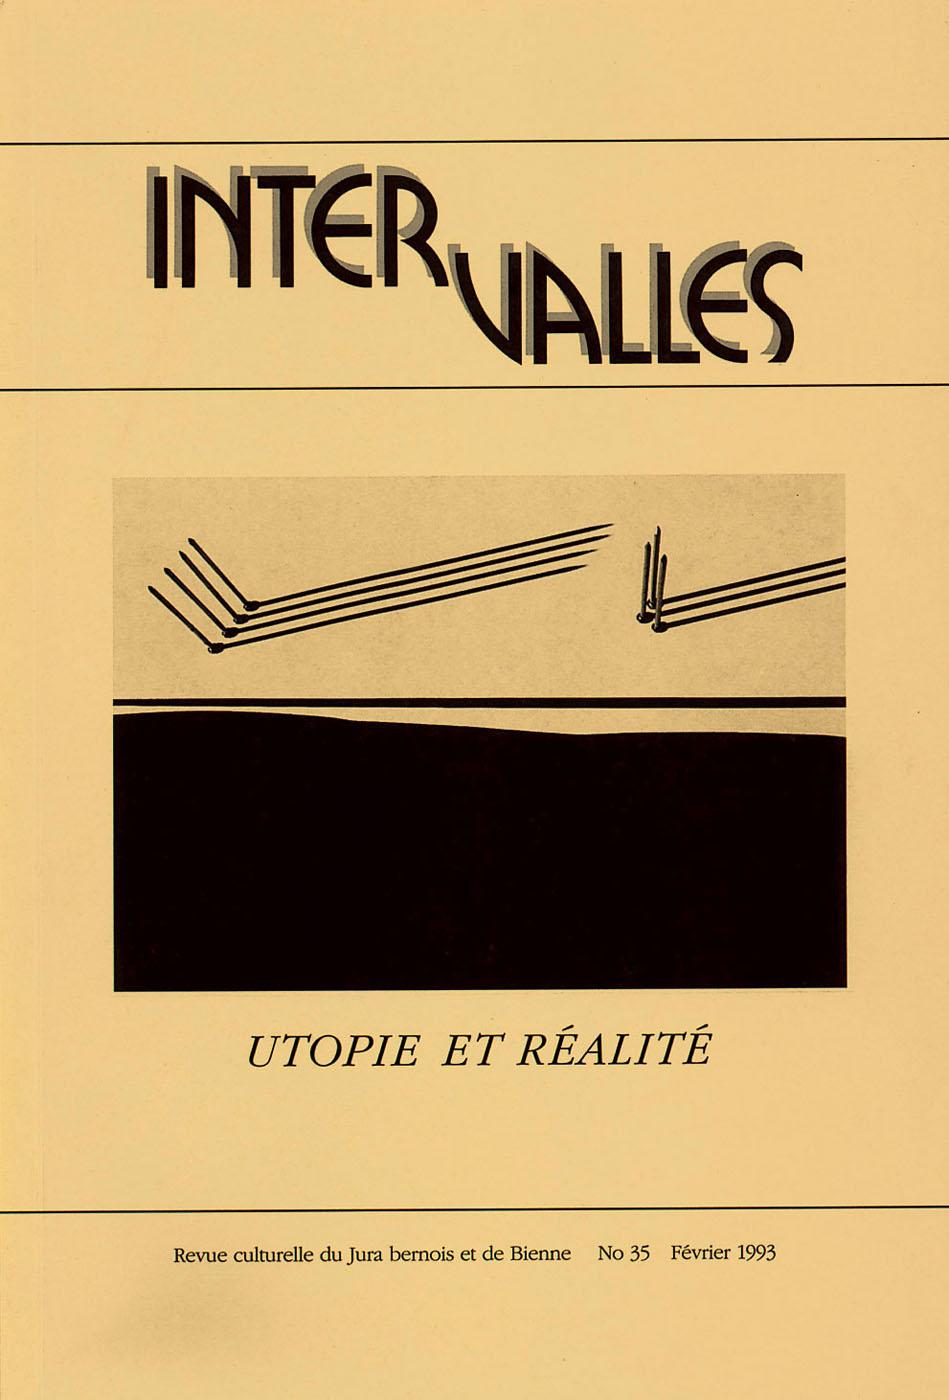 No 35 – Utopie et réalité